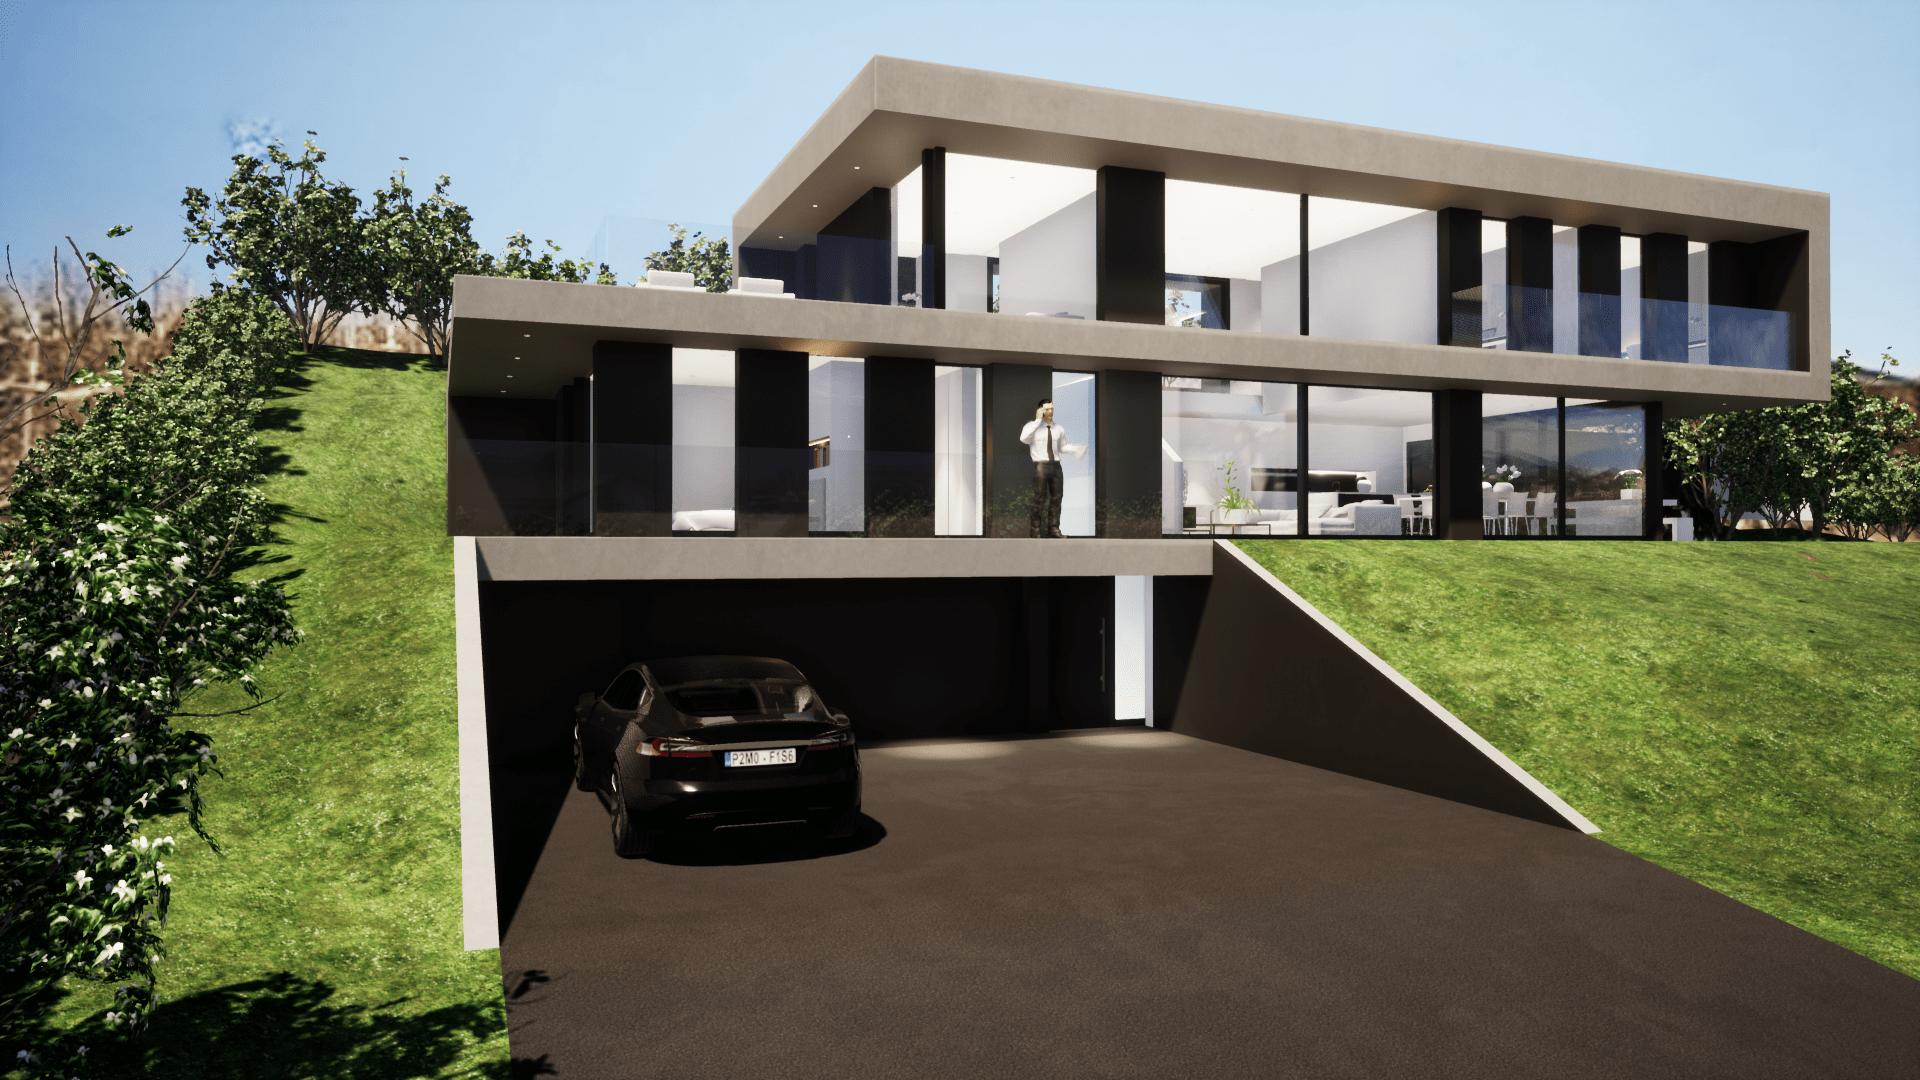 Projet archives tmb partners sa bureau d architecture valais